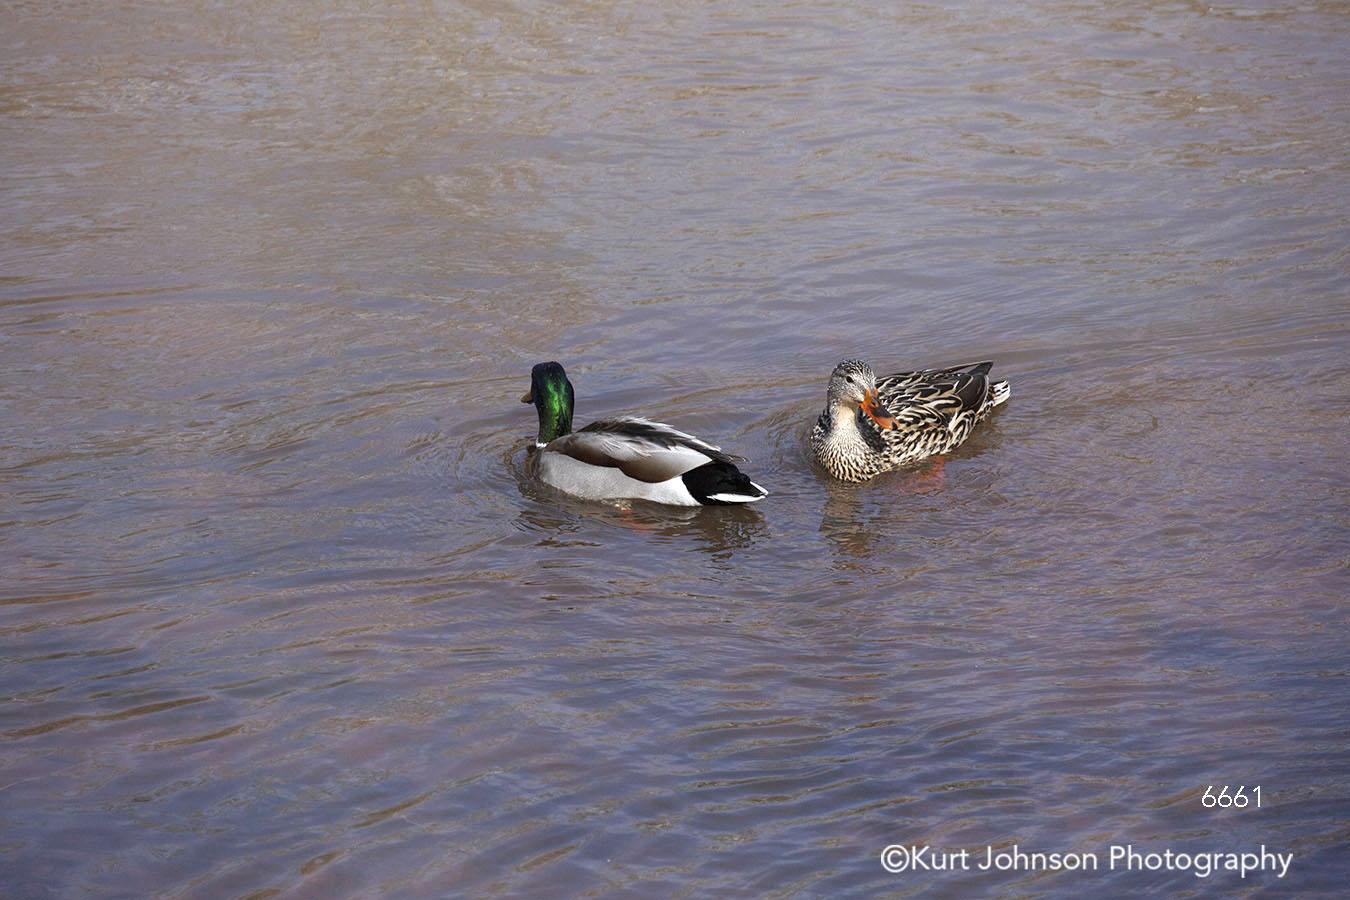 water waterscape duck ducks geese animal wildlife feathers children children's art